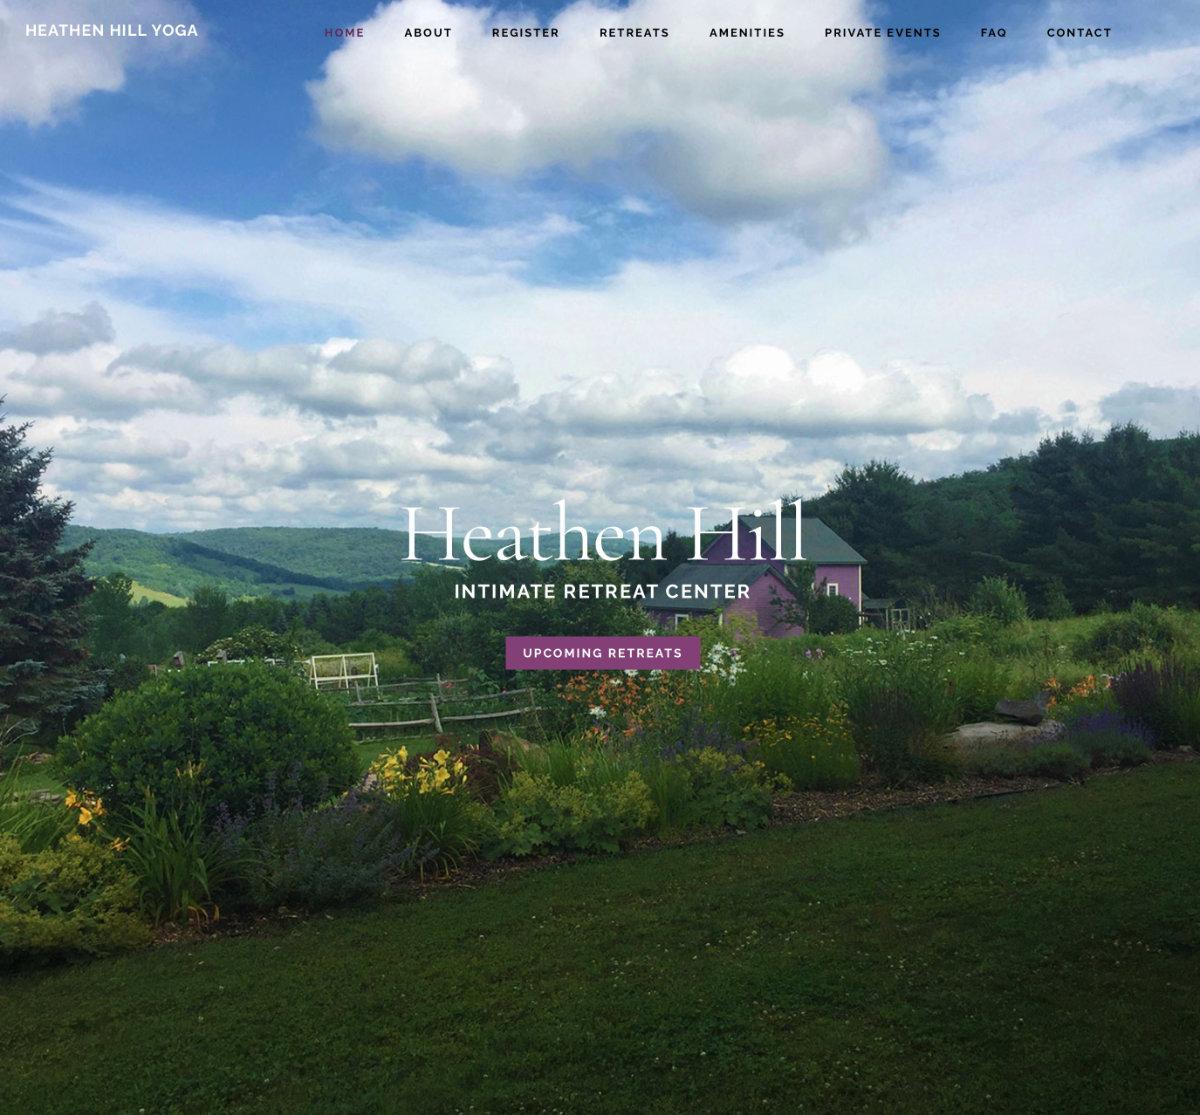 A yoga website listing retreats.  Visit website heathenhillyoga.net